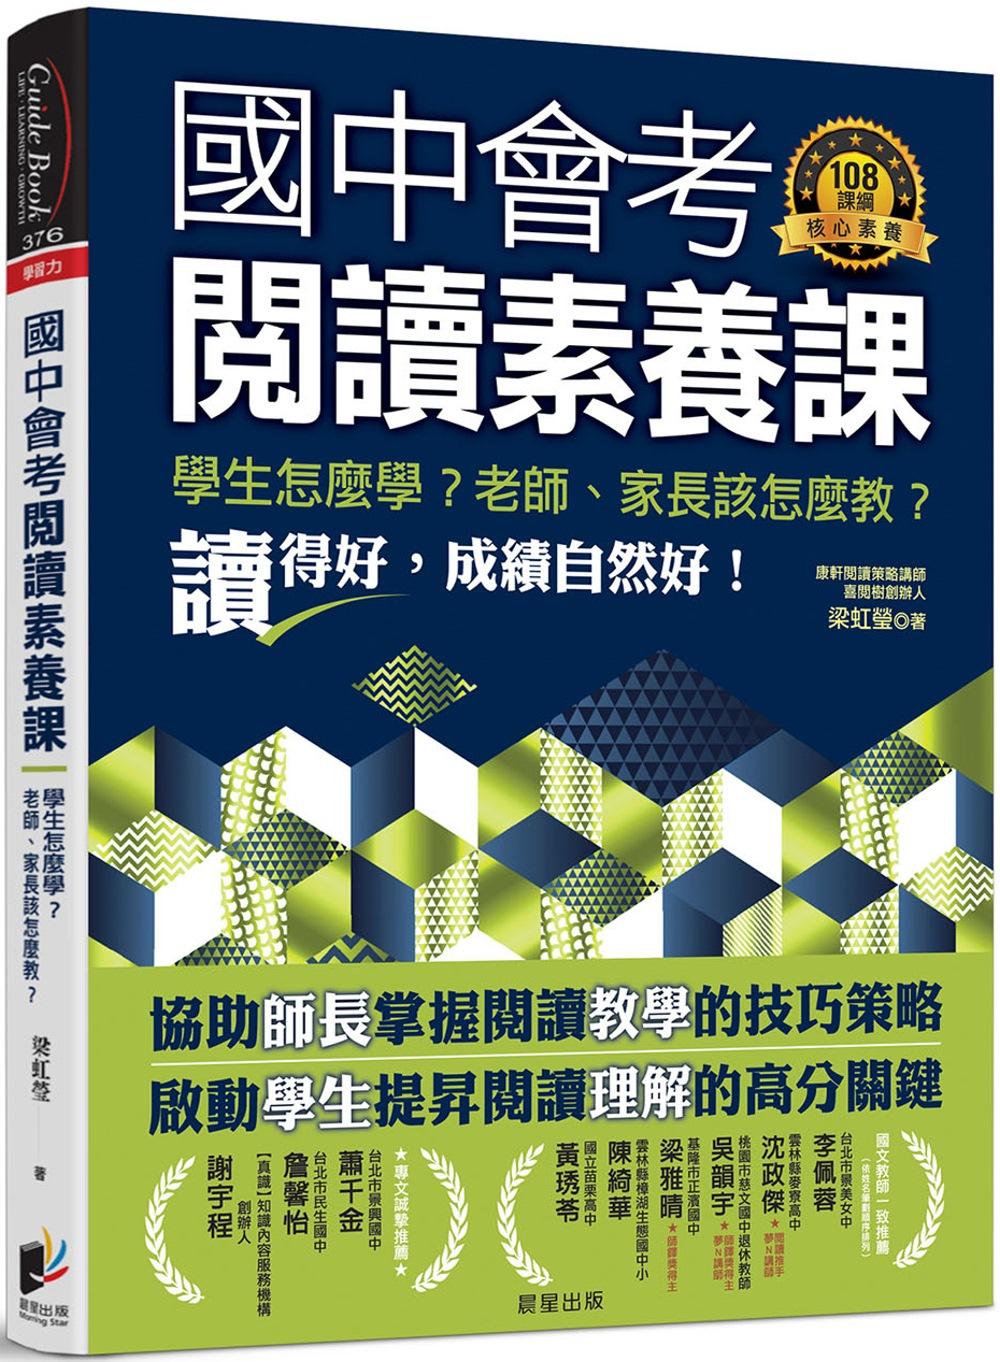 國中會考閱讀素養課:學生怎麼學...